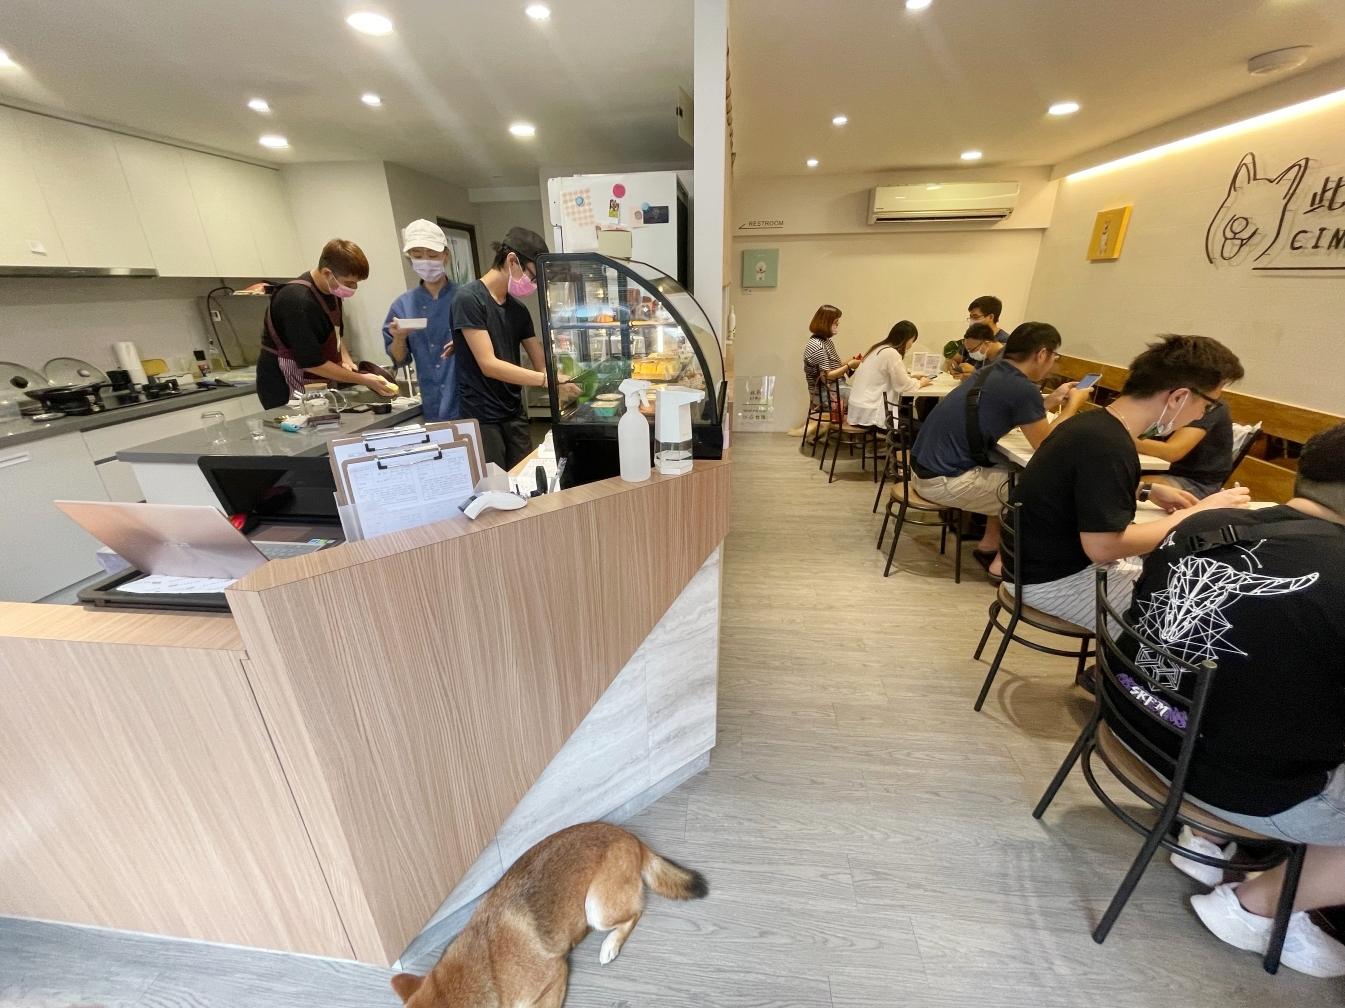 [內壢美食]此木 CIMU創意手作甜•輕食專賣店|寵物友善餐廳~鄰近元智大學 @VIVIYU小世界